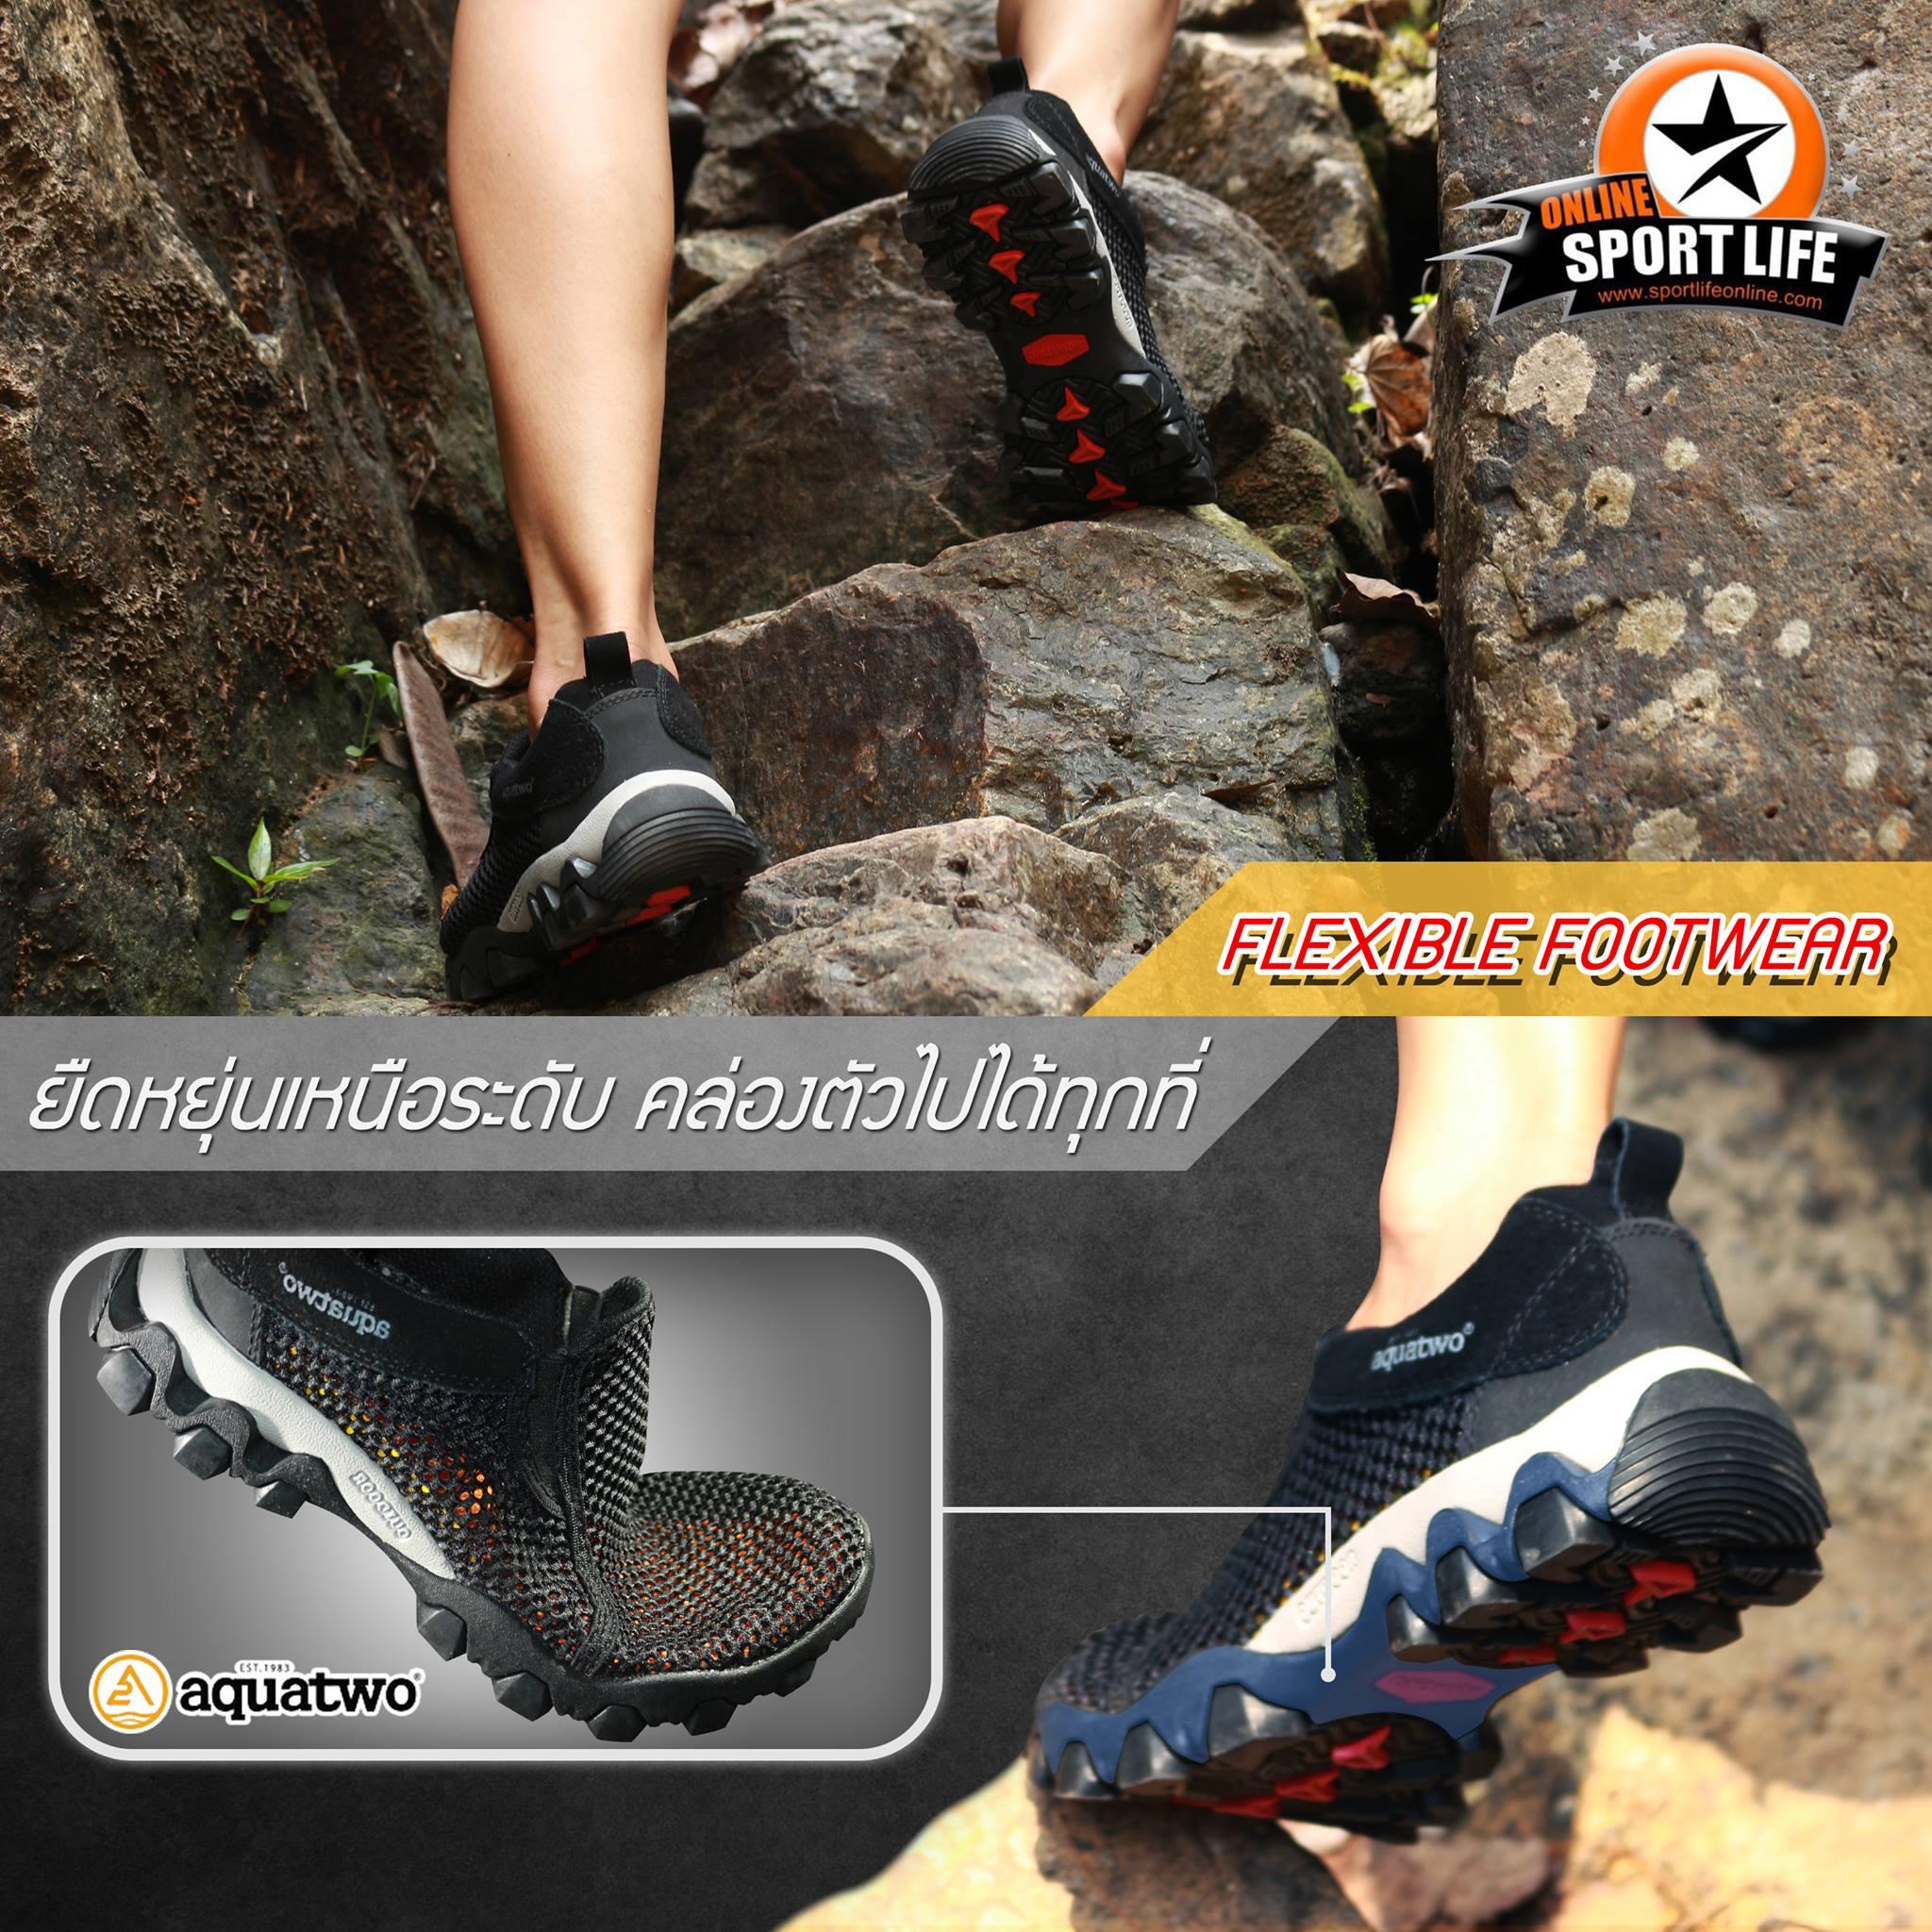 รองเท้าตาข่าย รองเท้าผู้ชาย aquatwo 957-รายละเอียดสินค้า